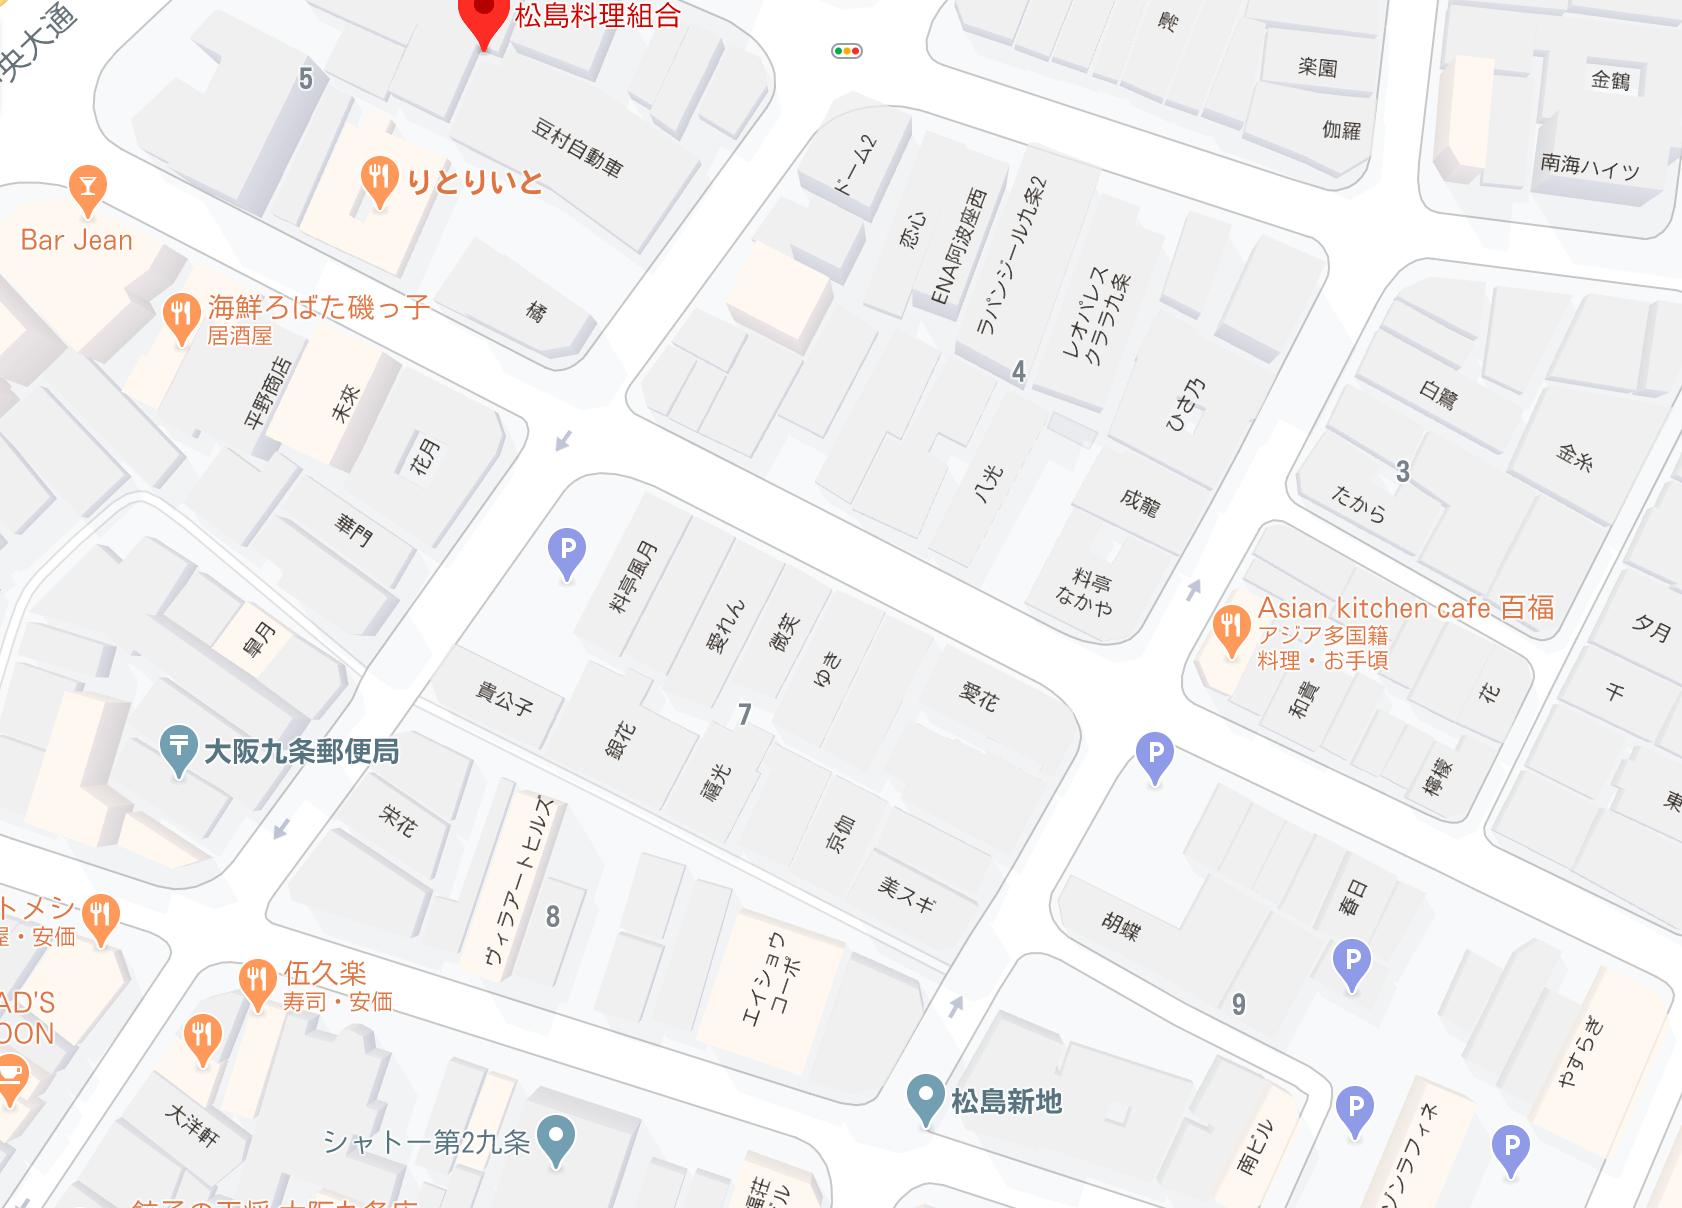 松島新地 マップ